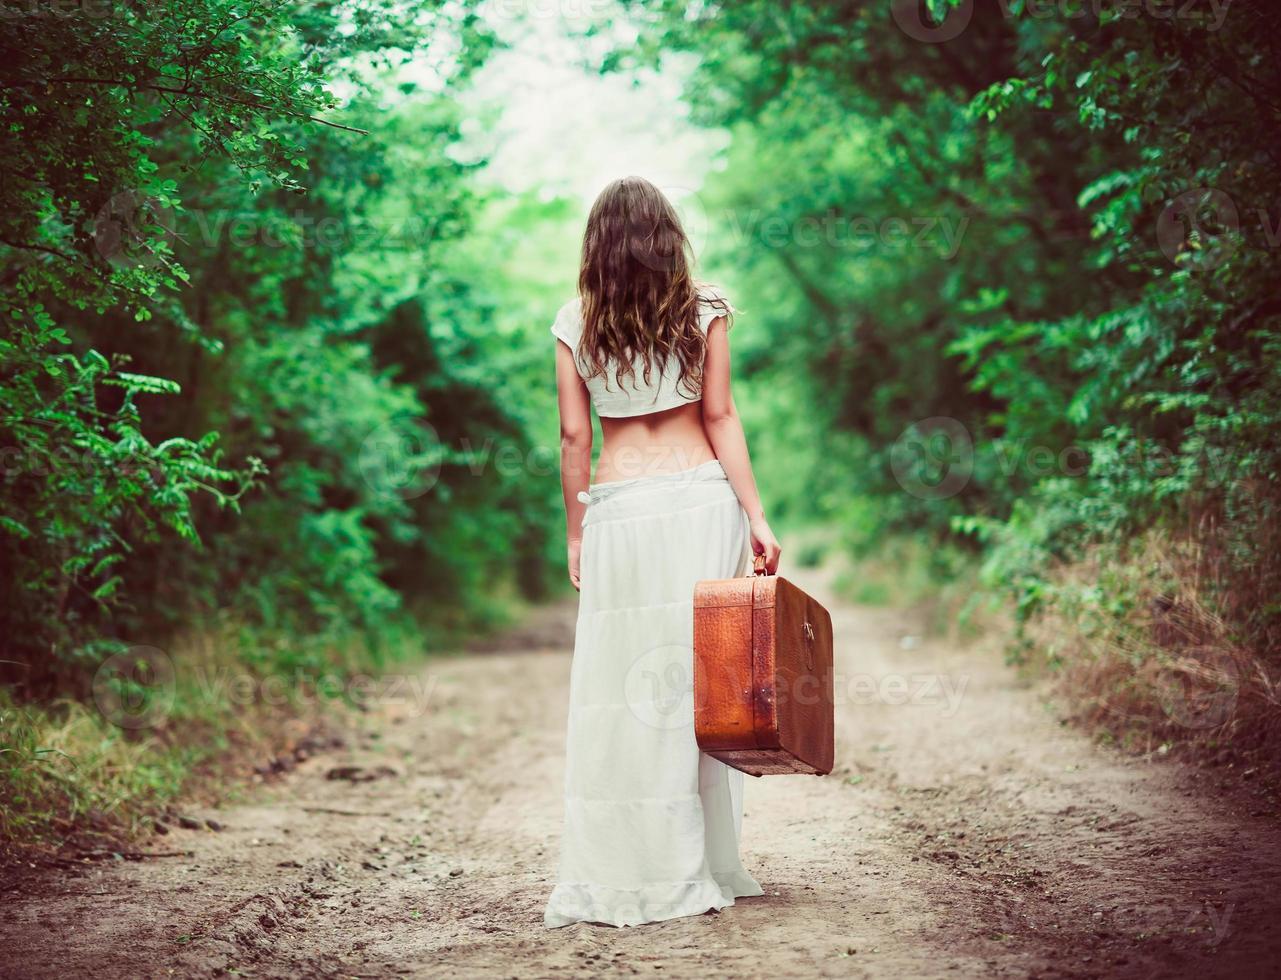 Frau mit Koffer in der Hand, die durch Landstraße weggeht foto